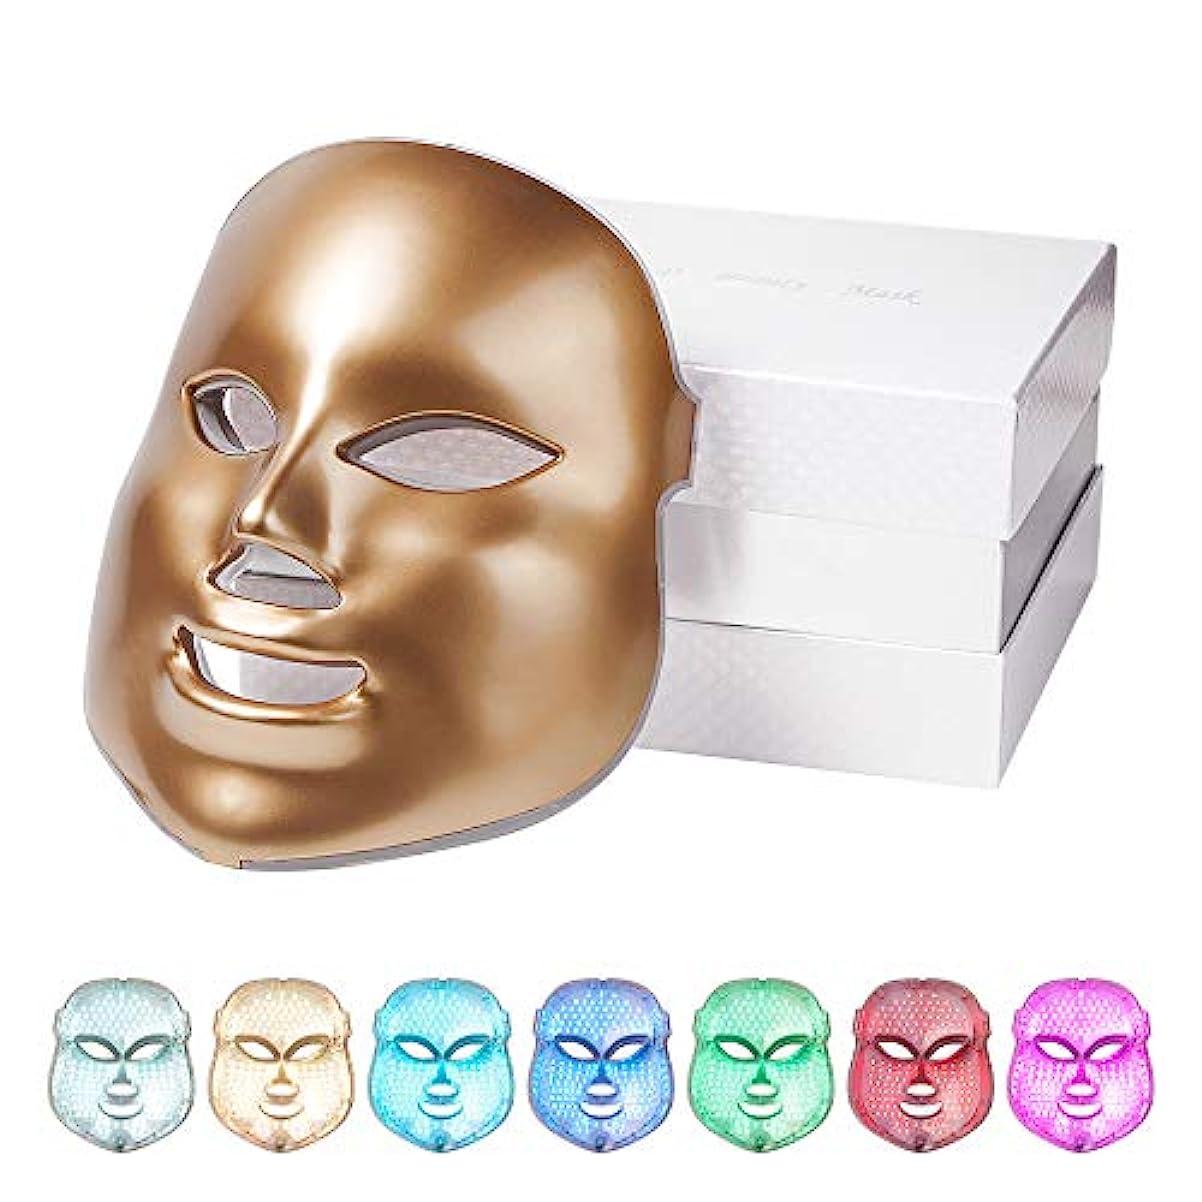 おもちゃゴシップ教育するLEDフォトンセラピー7色の光処理の肌の若返りのクリスマスギフトのためのアンチエイジングアクネスポットしわそばかすの除去?フェイシャルホワイトニングデイリースキンケアマスク